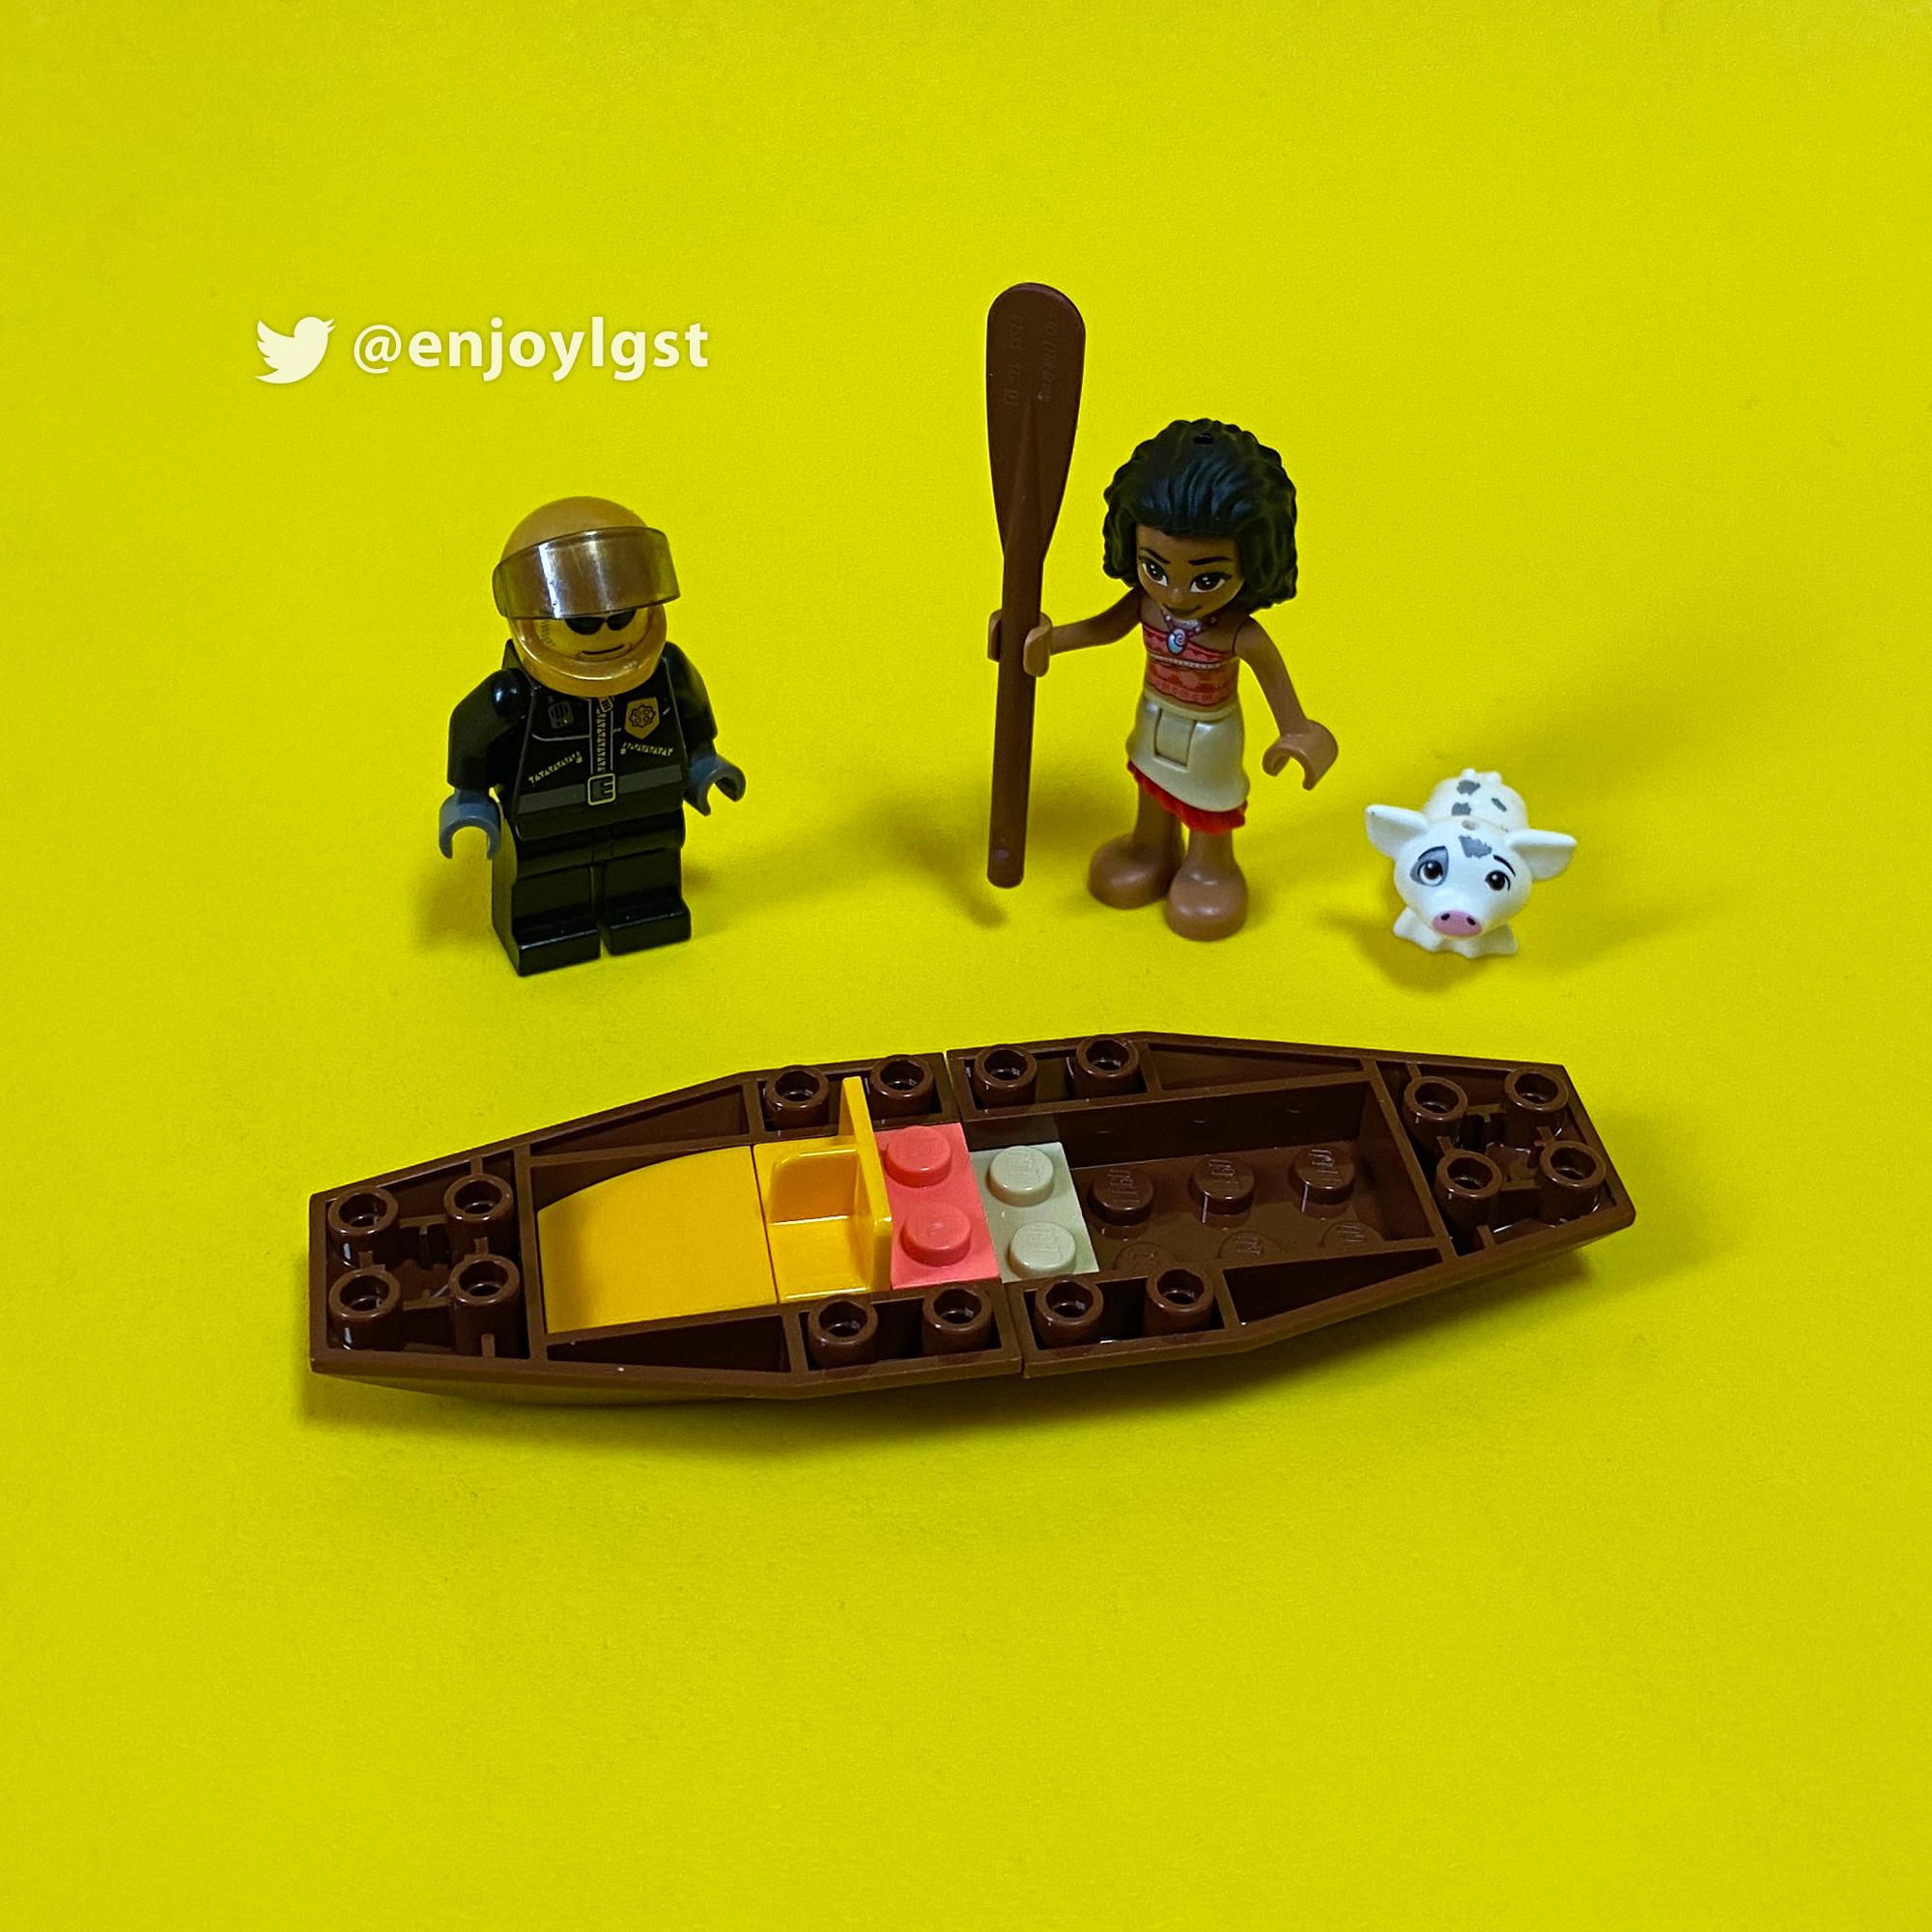 レゴレビュー:43170 モアナの海の冒険:暑い夏に作ると涼しくなれる海セット